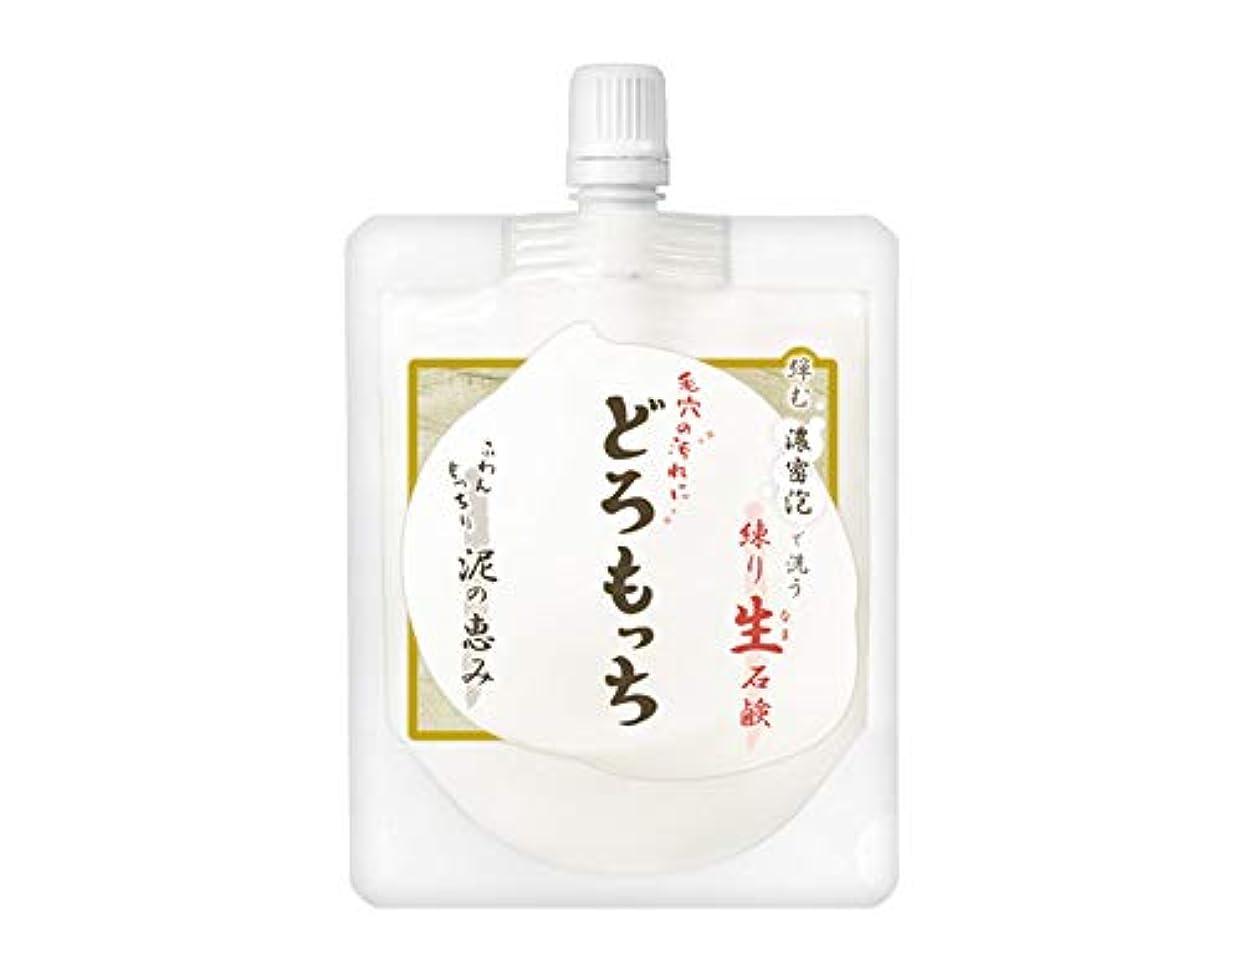 アエナ 洗顔 練り生せっけん [もっちり吸い付く 濃厚泡] 泥石けん 保湿 毛穴汚れ どろもっち 150g